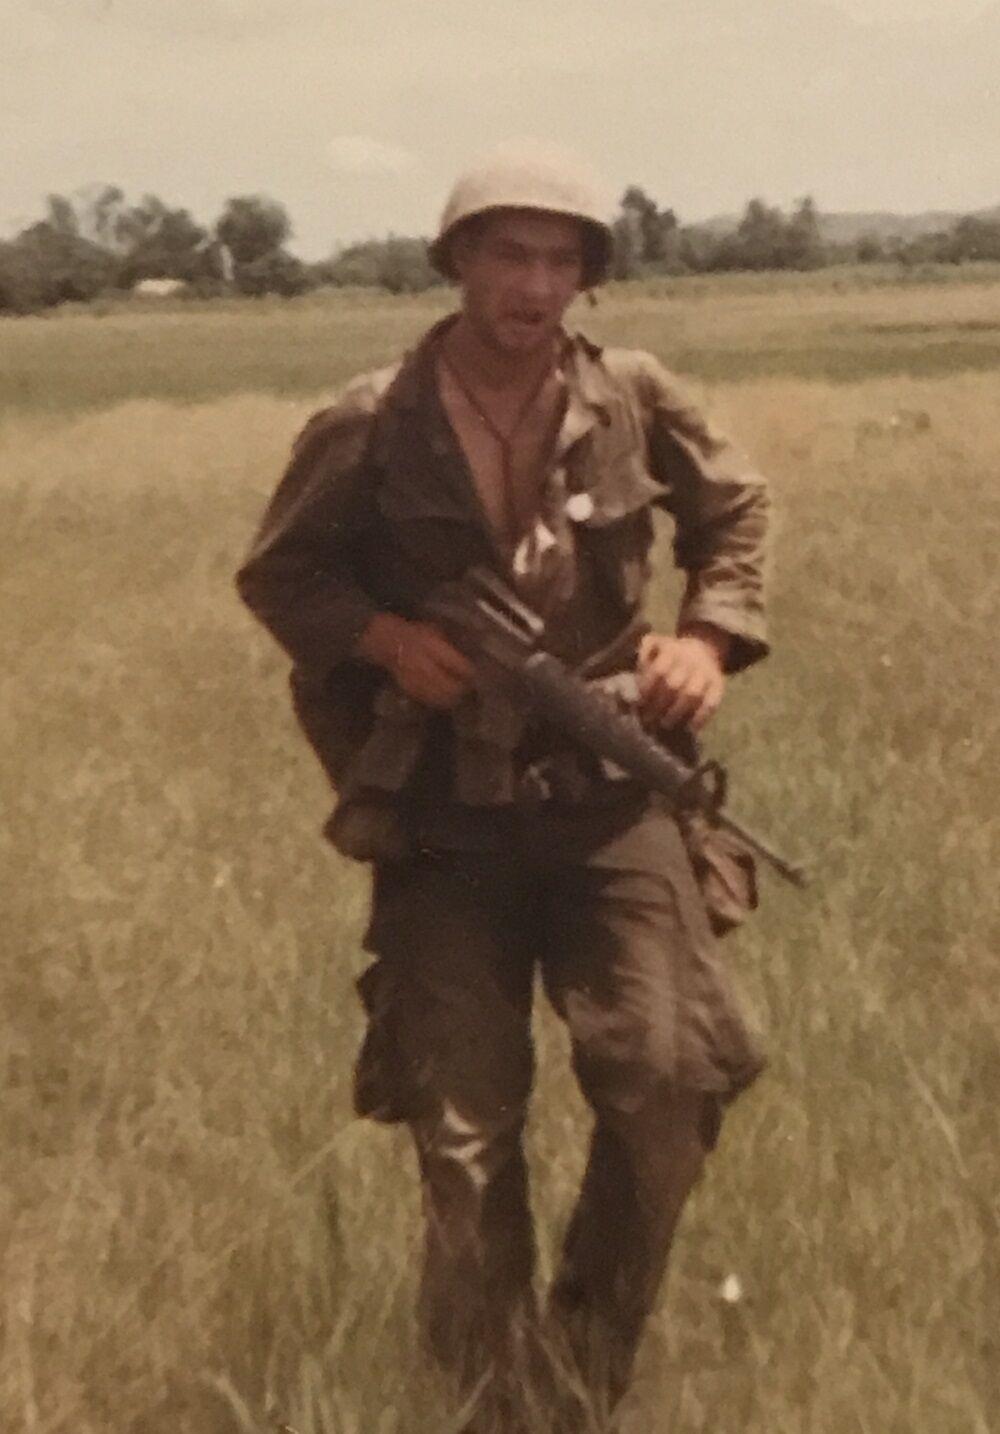 Vietnam vet Joe Bongiovanni 2 in field.jpg